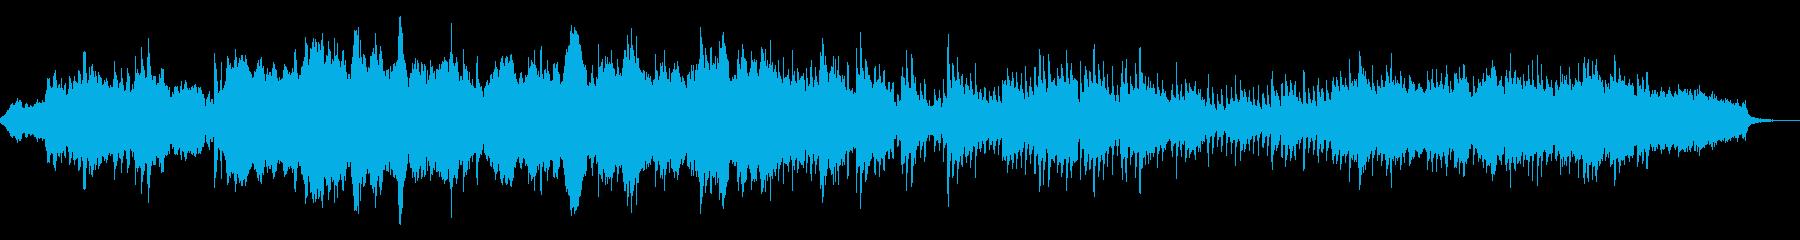 神秘的なイメージのBGMの再生済みの波形